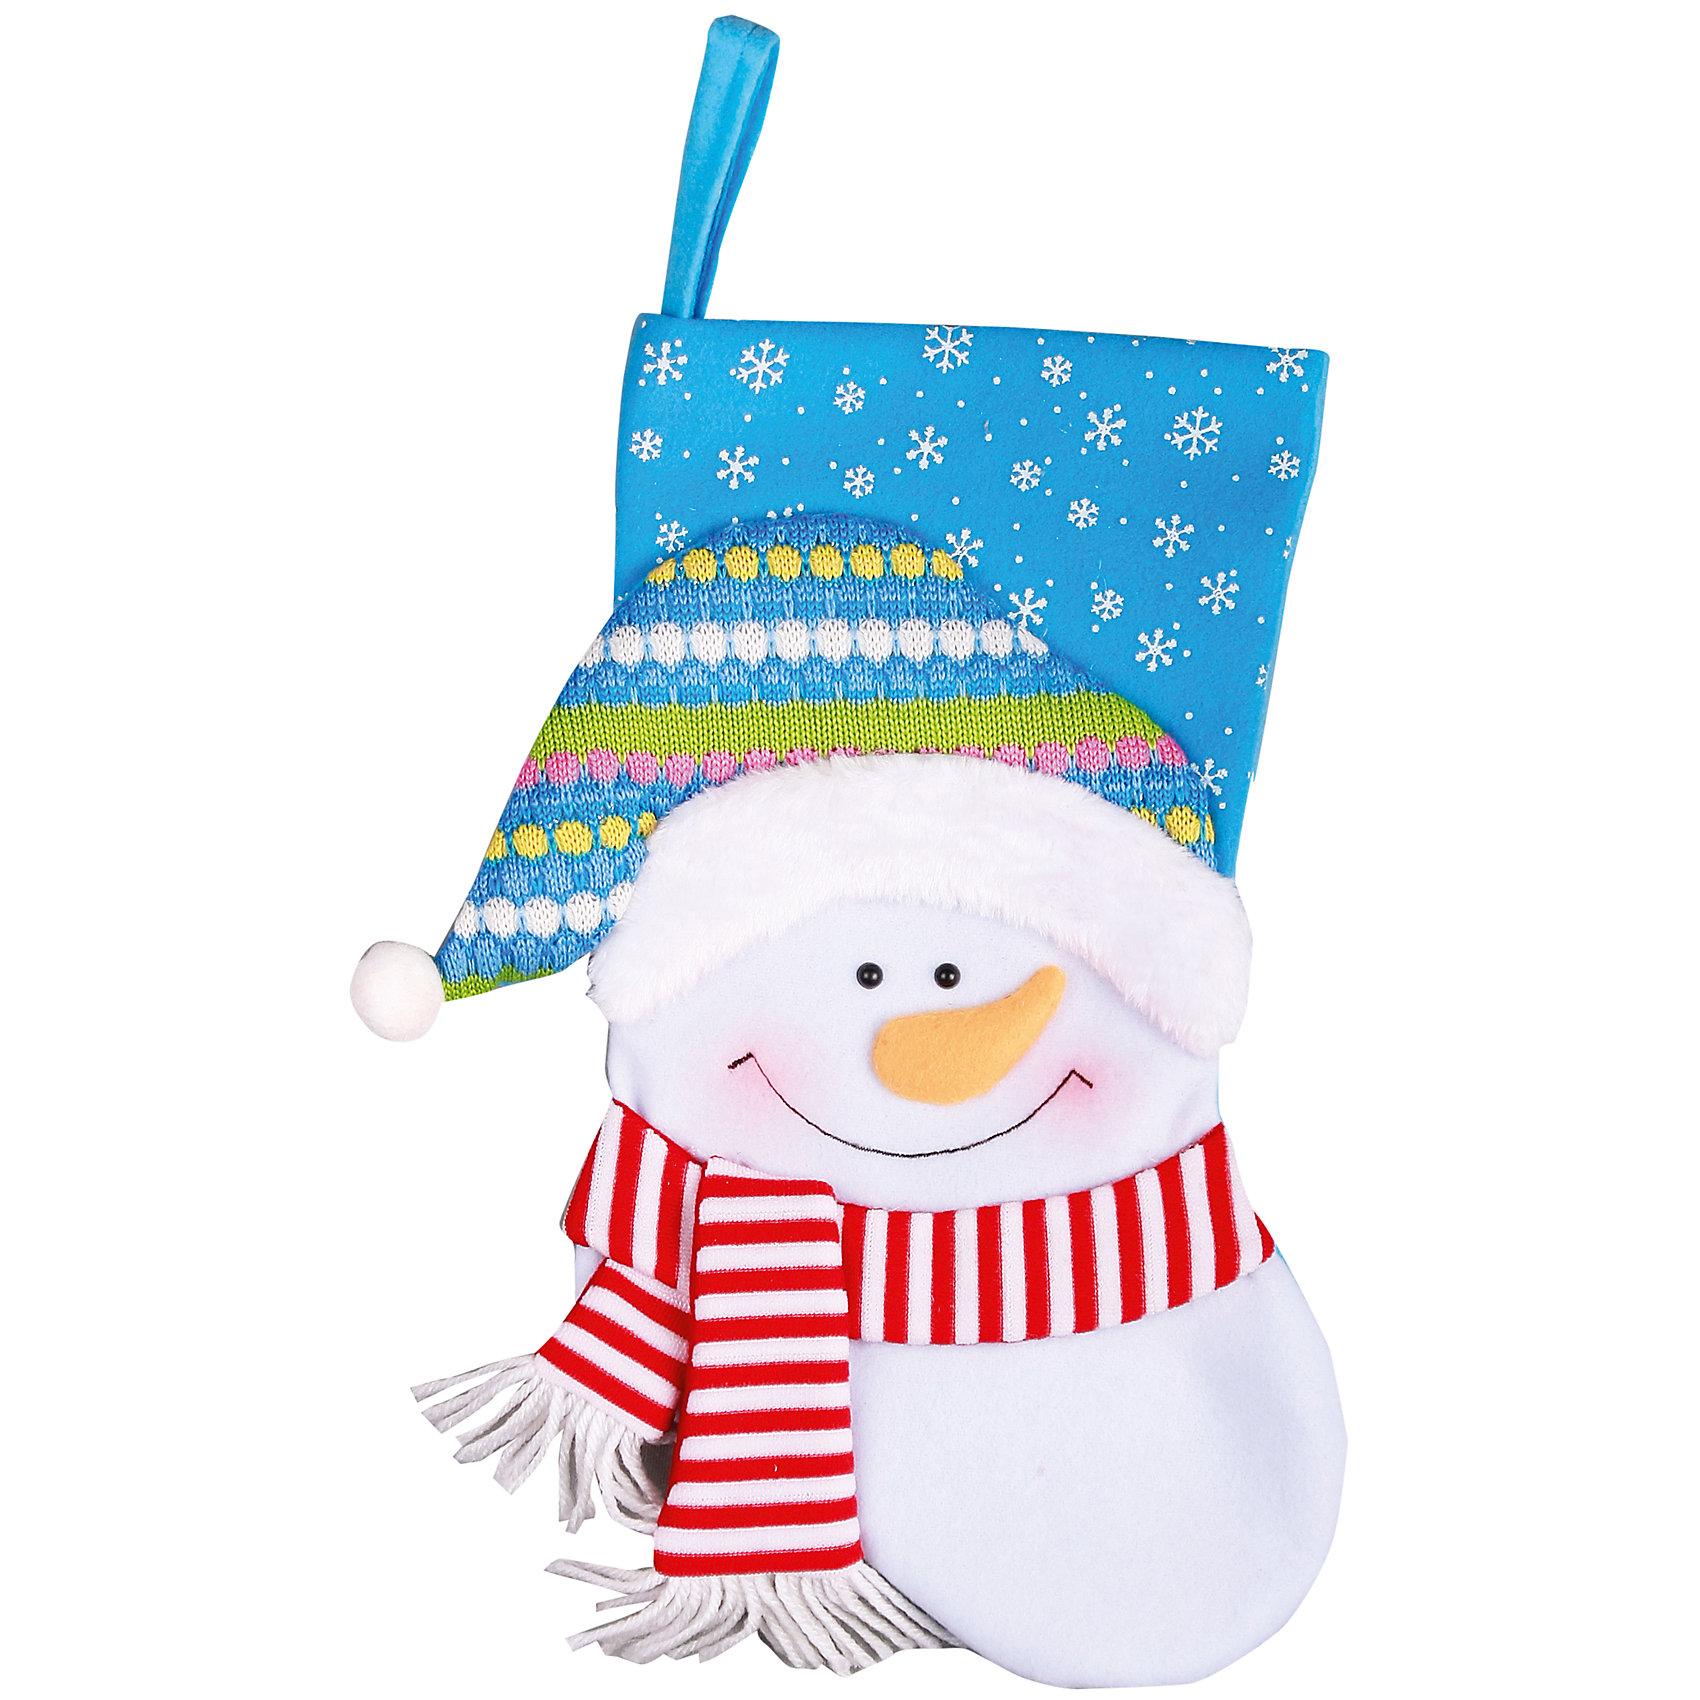 Носок для подарков Снеговик, 40 смОригинальное новогоднее украшение Носок со снеговиком, прекрасно подойдет для праздничного декора помещений. С помощью специальной петельки его можно повесить в любом понравившемся вам месте, например на камине, крючке или ручке шкафа. Елочная игрушка - символ Нового года. Она несет в себе волшебство и красоту праздника. Создайте в своем доме атмосферу веселья и радости, украшая новогоднюю елку нарядными игрушками, которые будут из года в год накапливать теплоту воспоминаний. Оригинальные новогодние аксессуары принесут в ваш дом ни с чем несравнимое ощущение волшебства!<br><br>Дополнительная информация:<br><br>- Материал: ПЭ.<br>- Размер: высота 40 см, ширина 27 см, глубина 2 см.<br>- Цвет: голубой.<br><br>Подвесное украшение Носок со Снеговиком, голубой, можно купить в нашем магазине.<br><br>Ширина мм: 3<br>Глубина мм: 40<br>Высота мм: 64<br>Вес г: 125<br>Возраст от месяцев: 36<br>Возраст до месяцев: 180<br>Пол: Унисекс<br>Возраст: Детский<br>SKU: 4222843